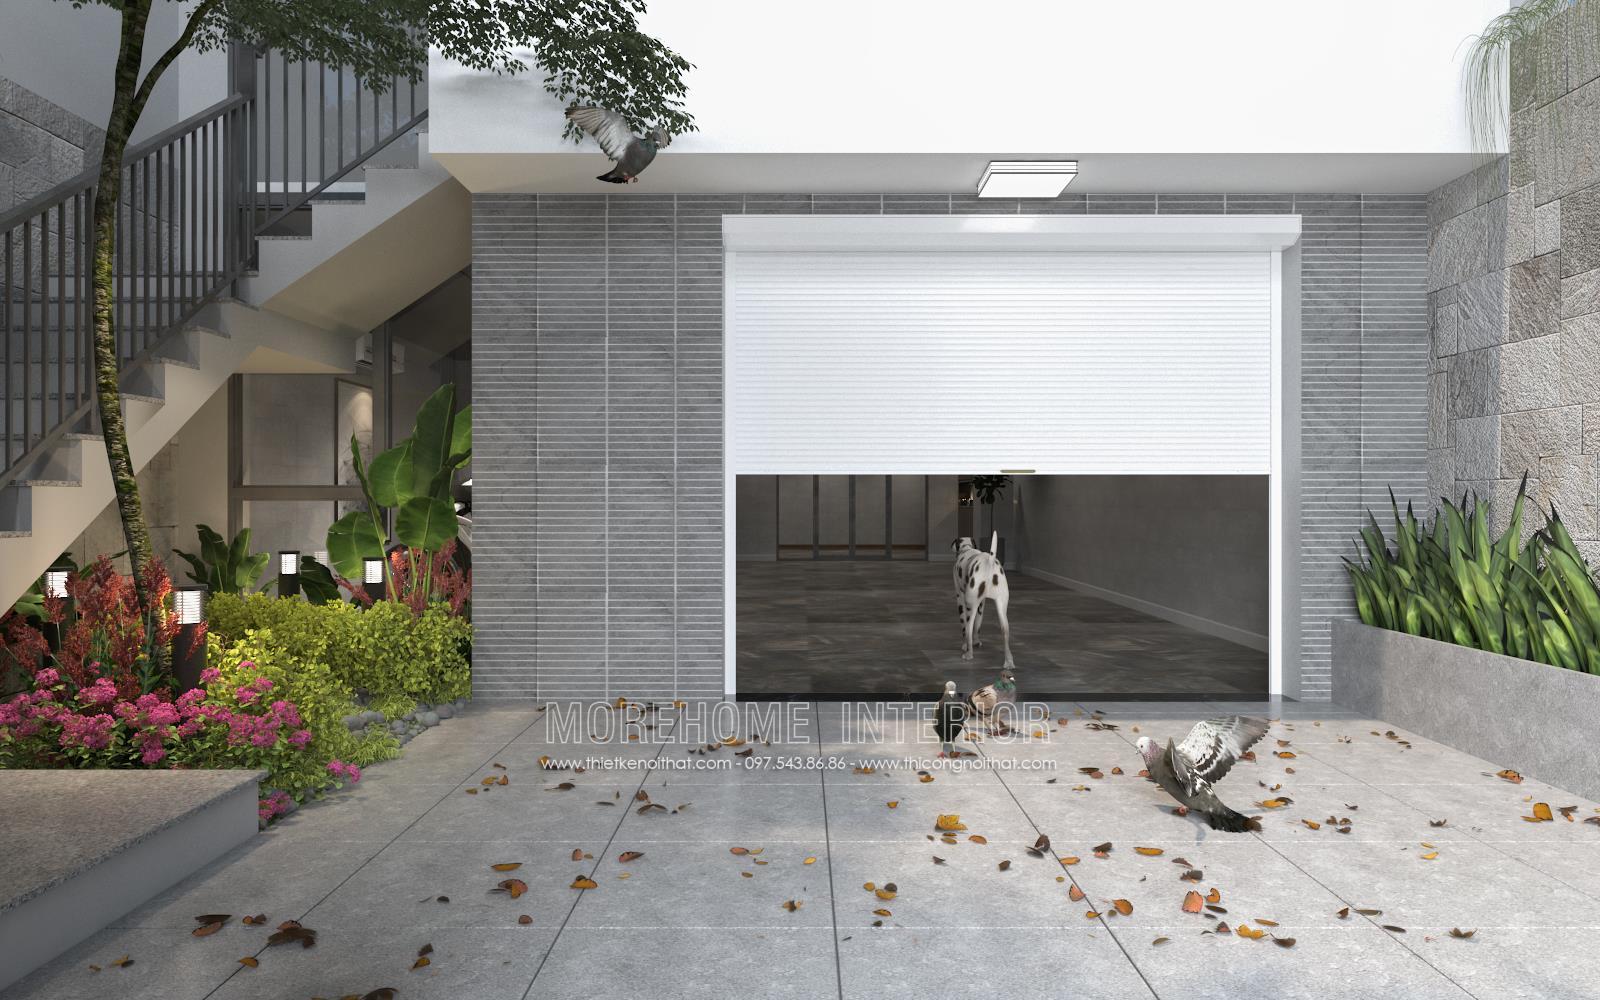 Thiết kế nội thất biệt thự hiện đại tại Vinh Nghệ An